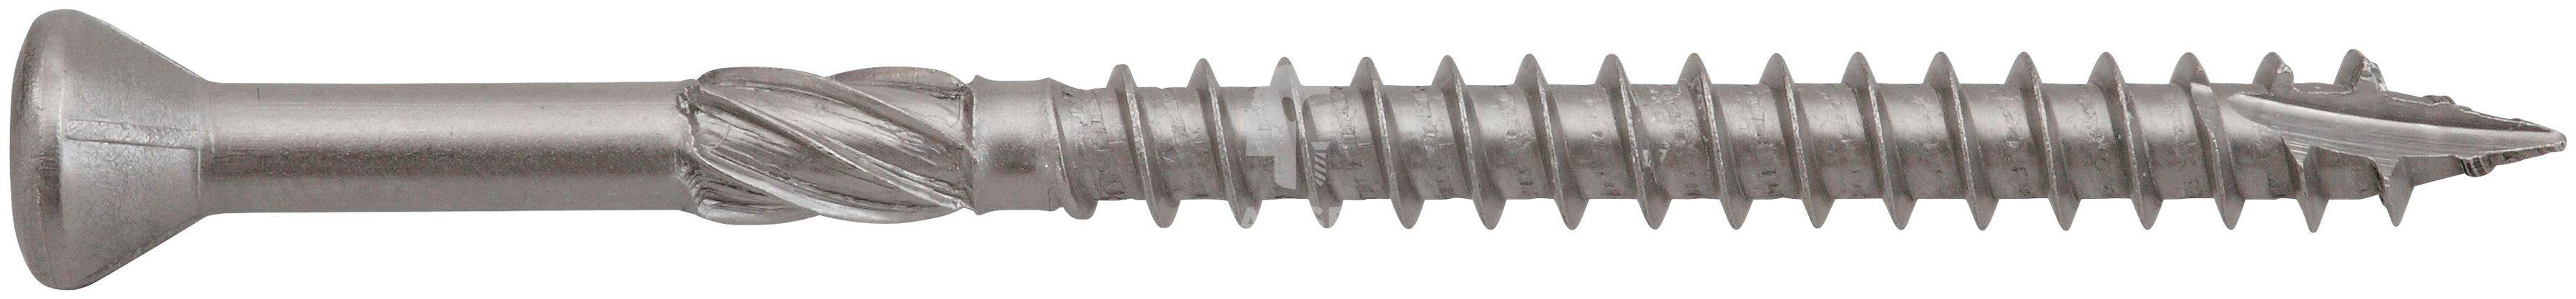 RAMSES Schrauben , Terrassenschraube 5,0 x 70 mm 200 Stk.